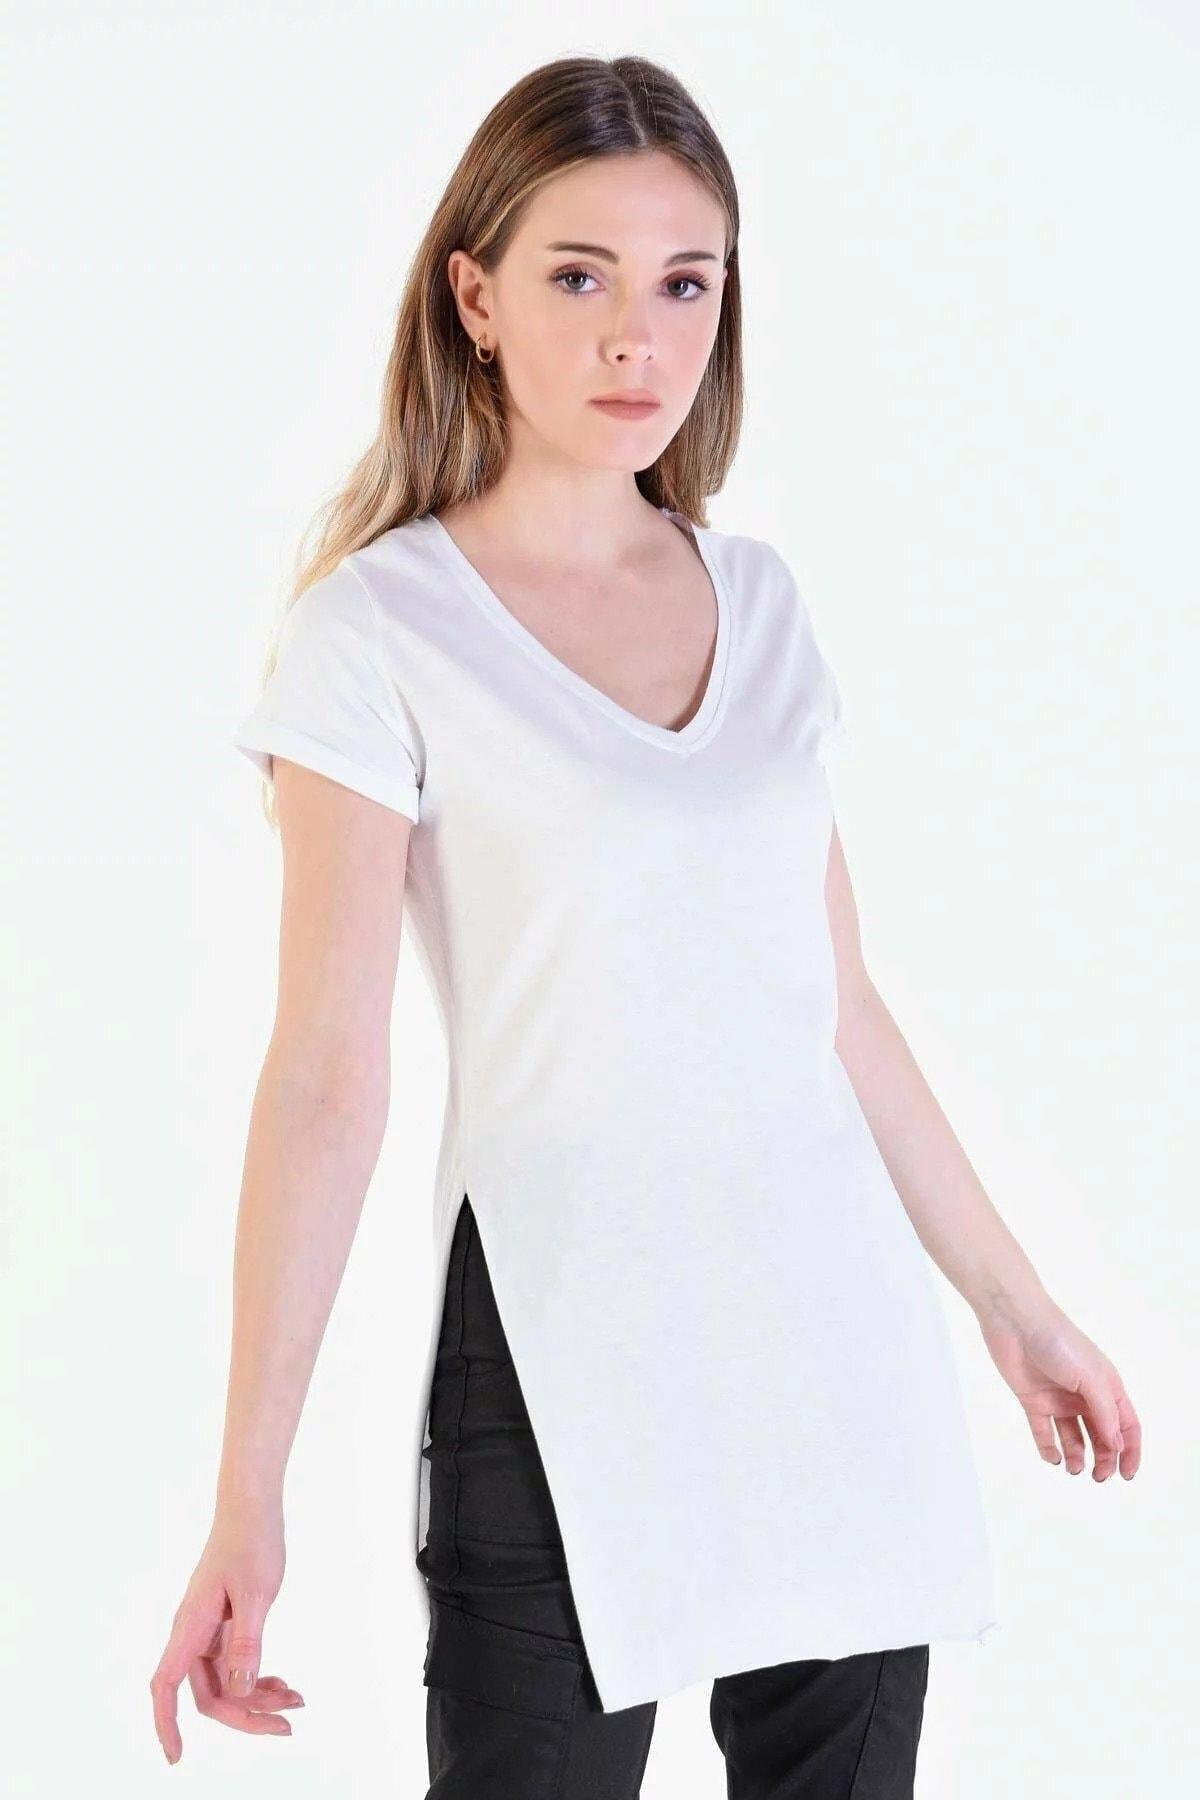 Eka Kadın Beyaz V Yaka Kısa Kol Yırtmaçlı T-shirt 1